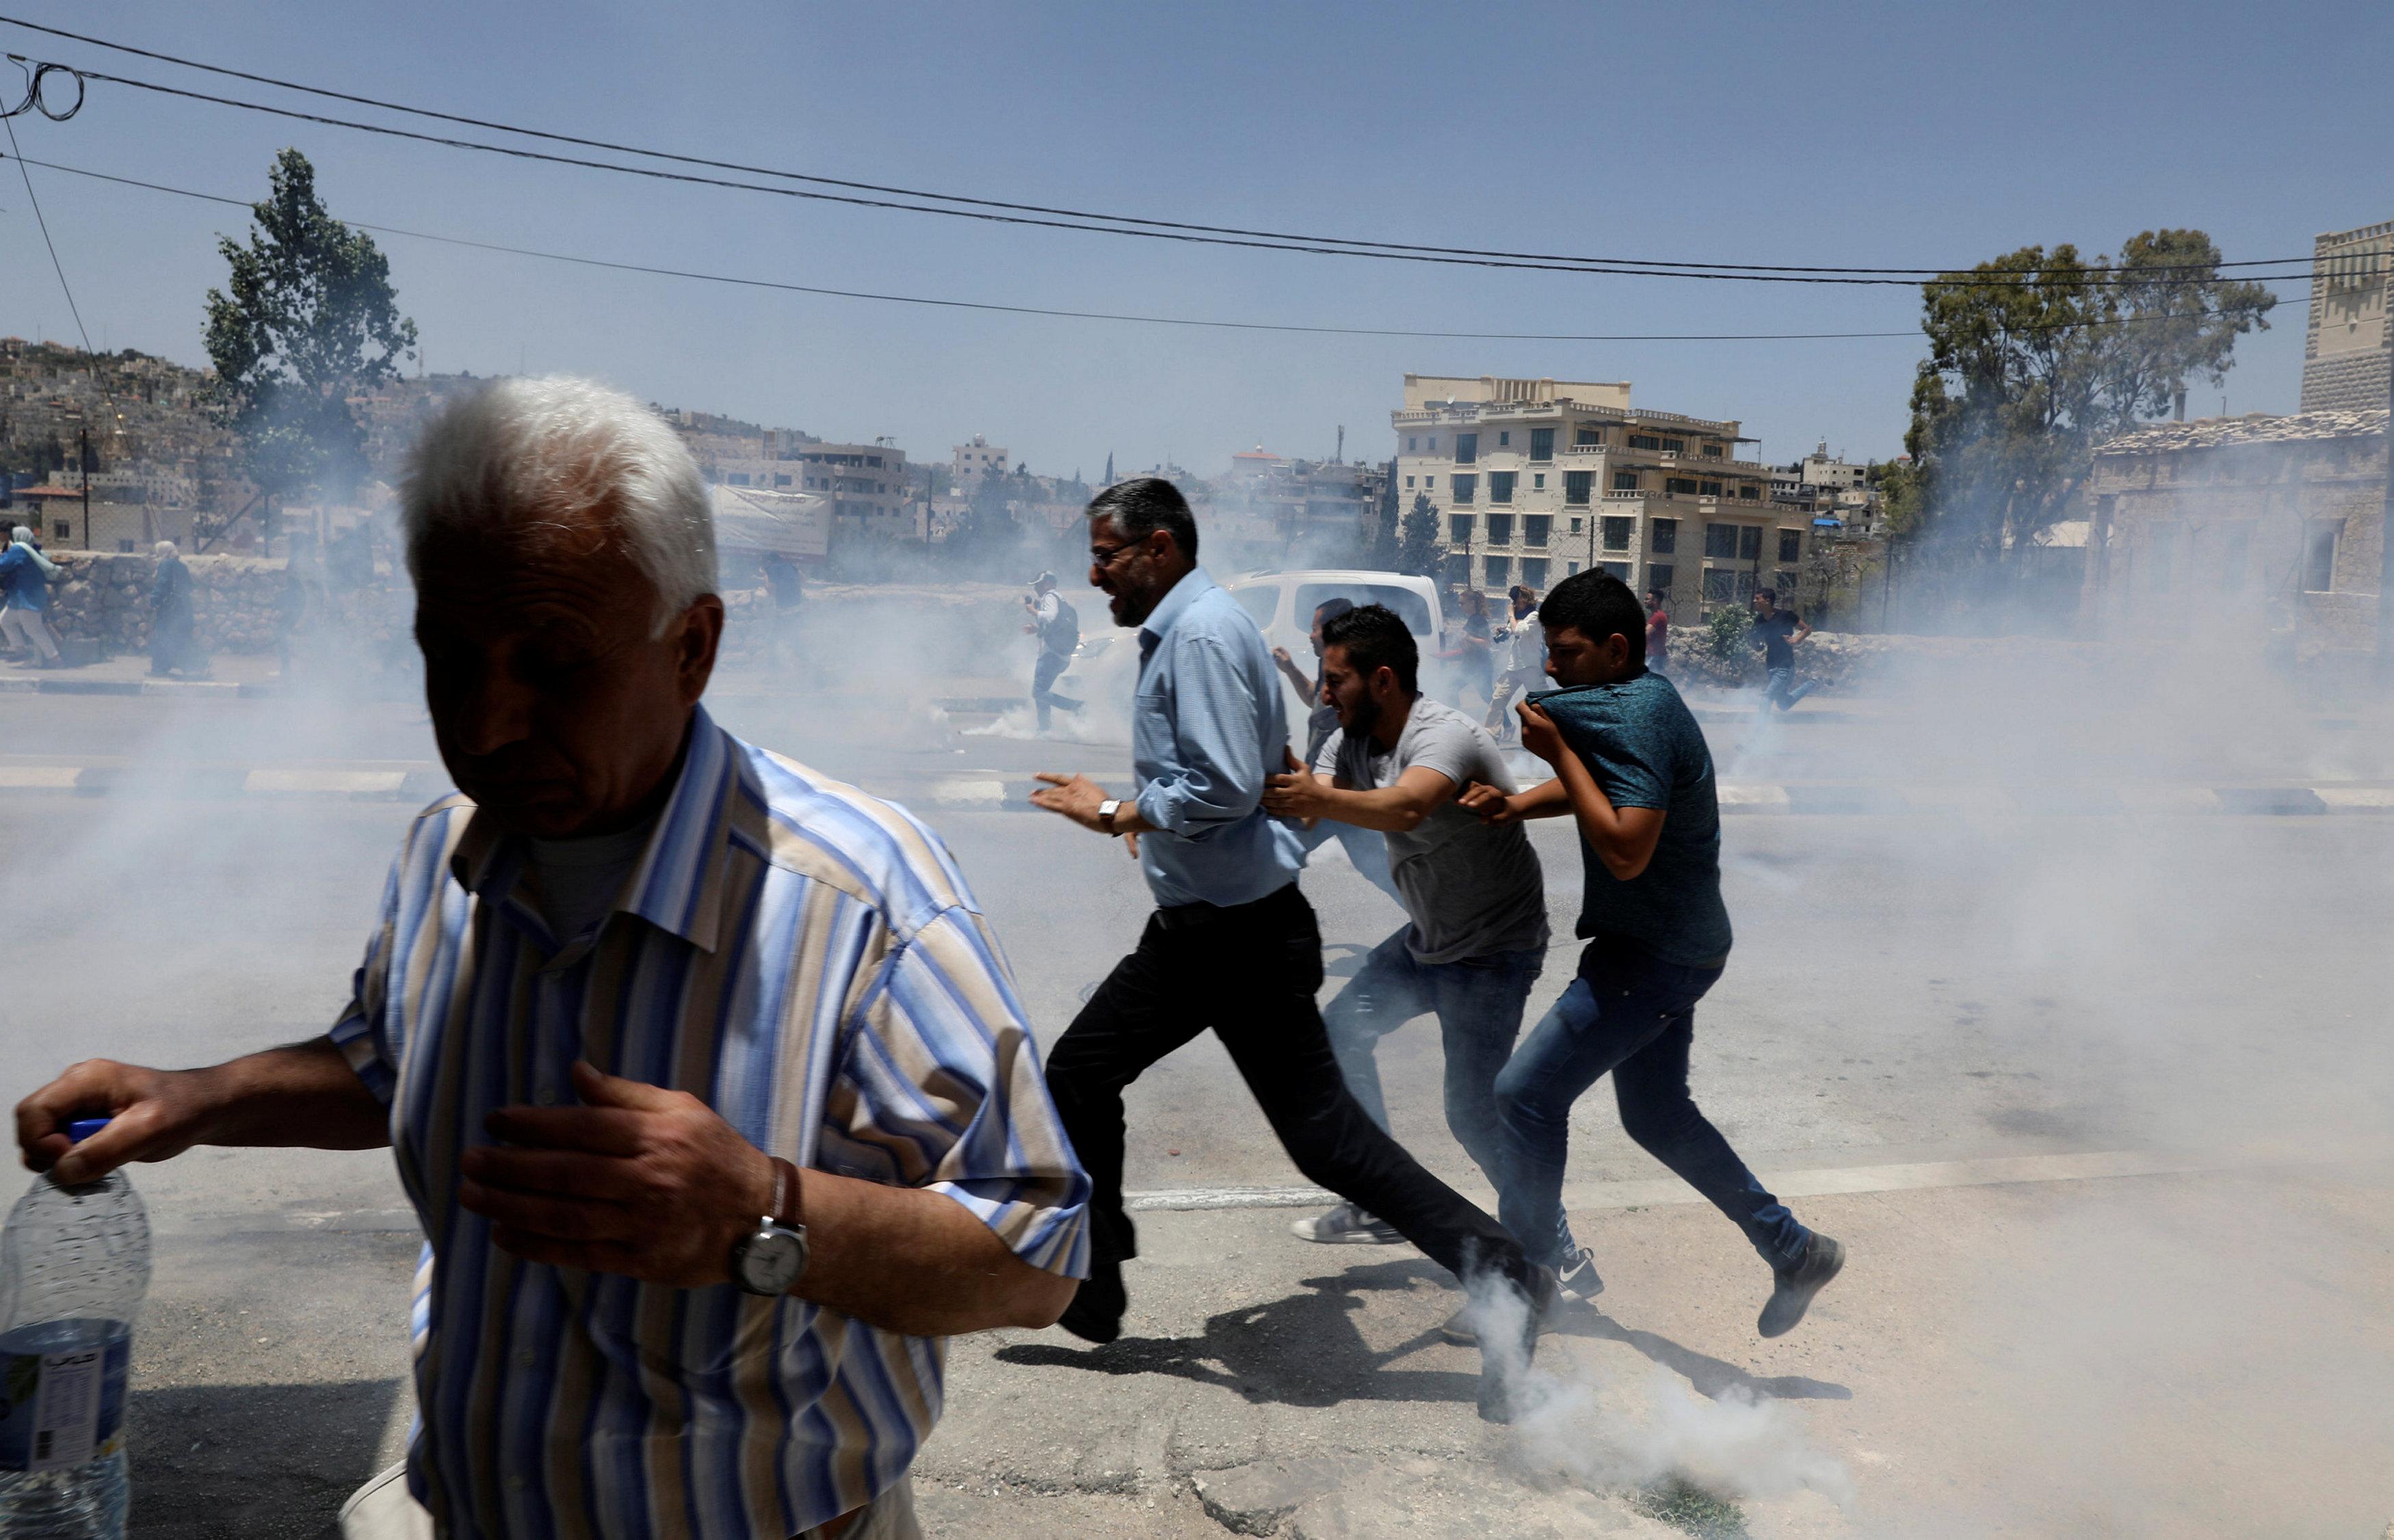 دخان قنابل الغاز تملئ الشوارع فى الضفة الغربية